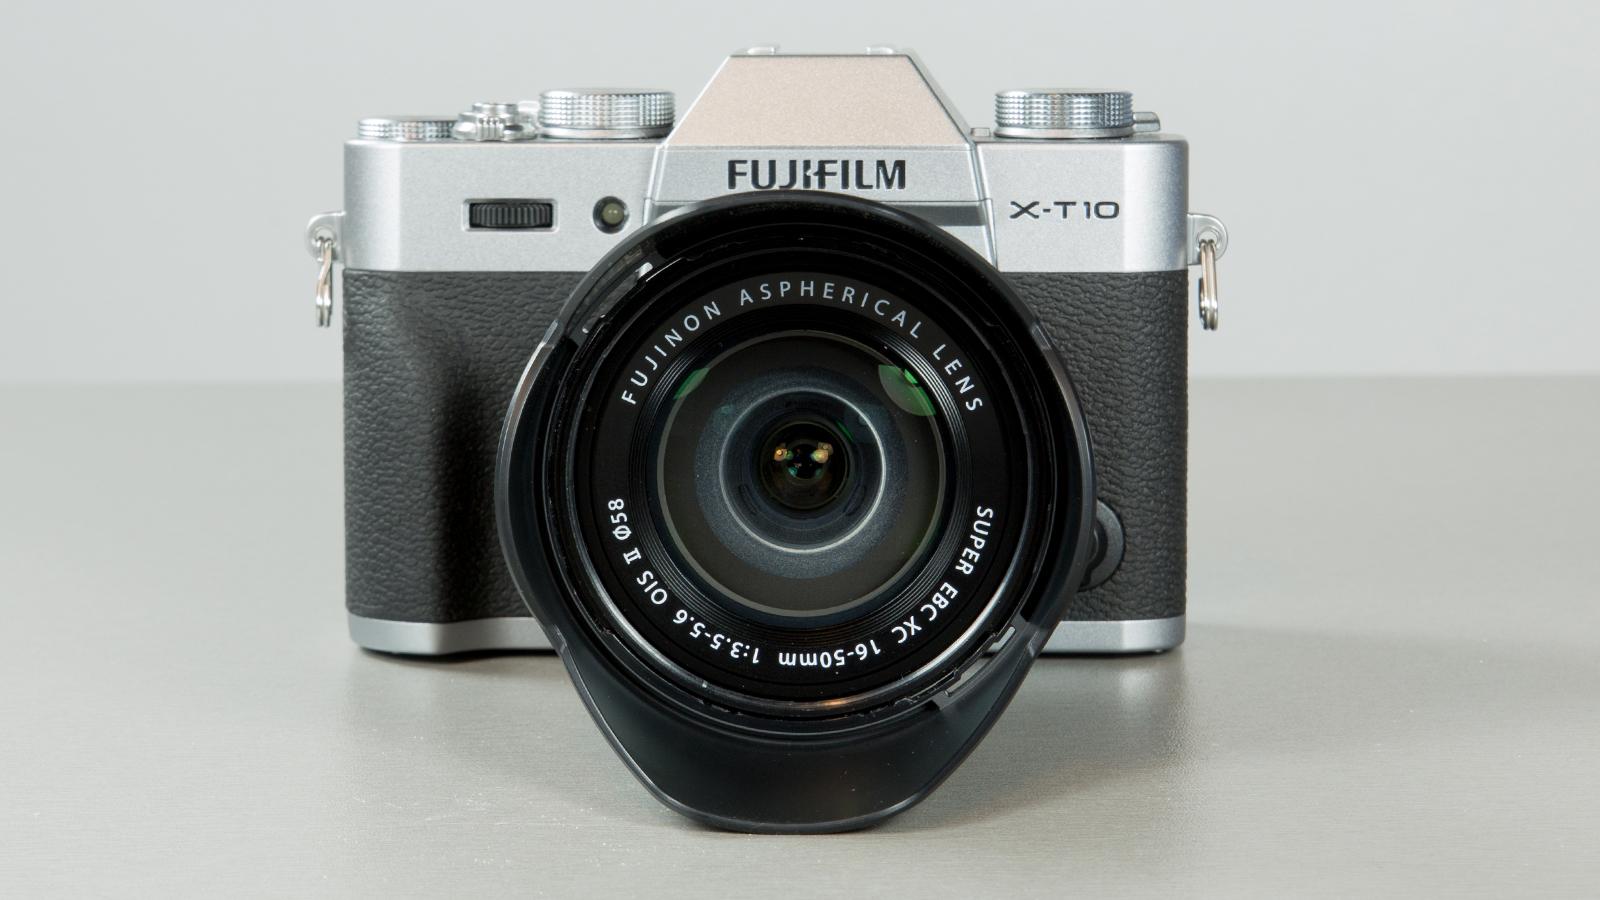 Fujifilm-X-T10-DT-003-eest